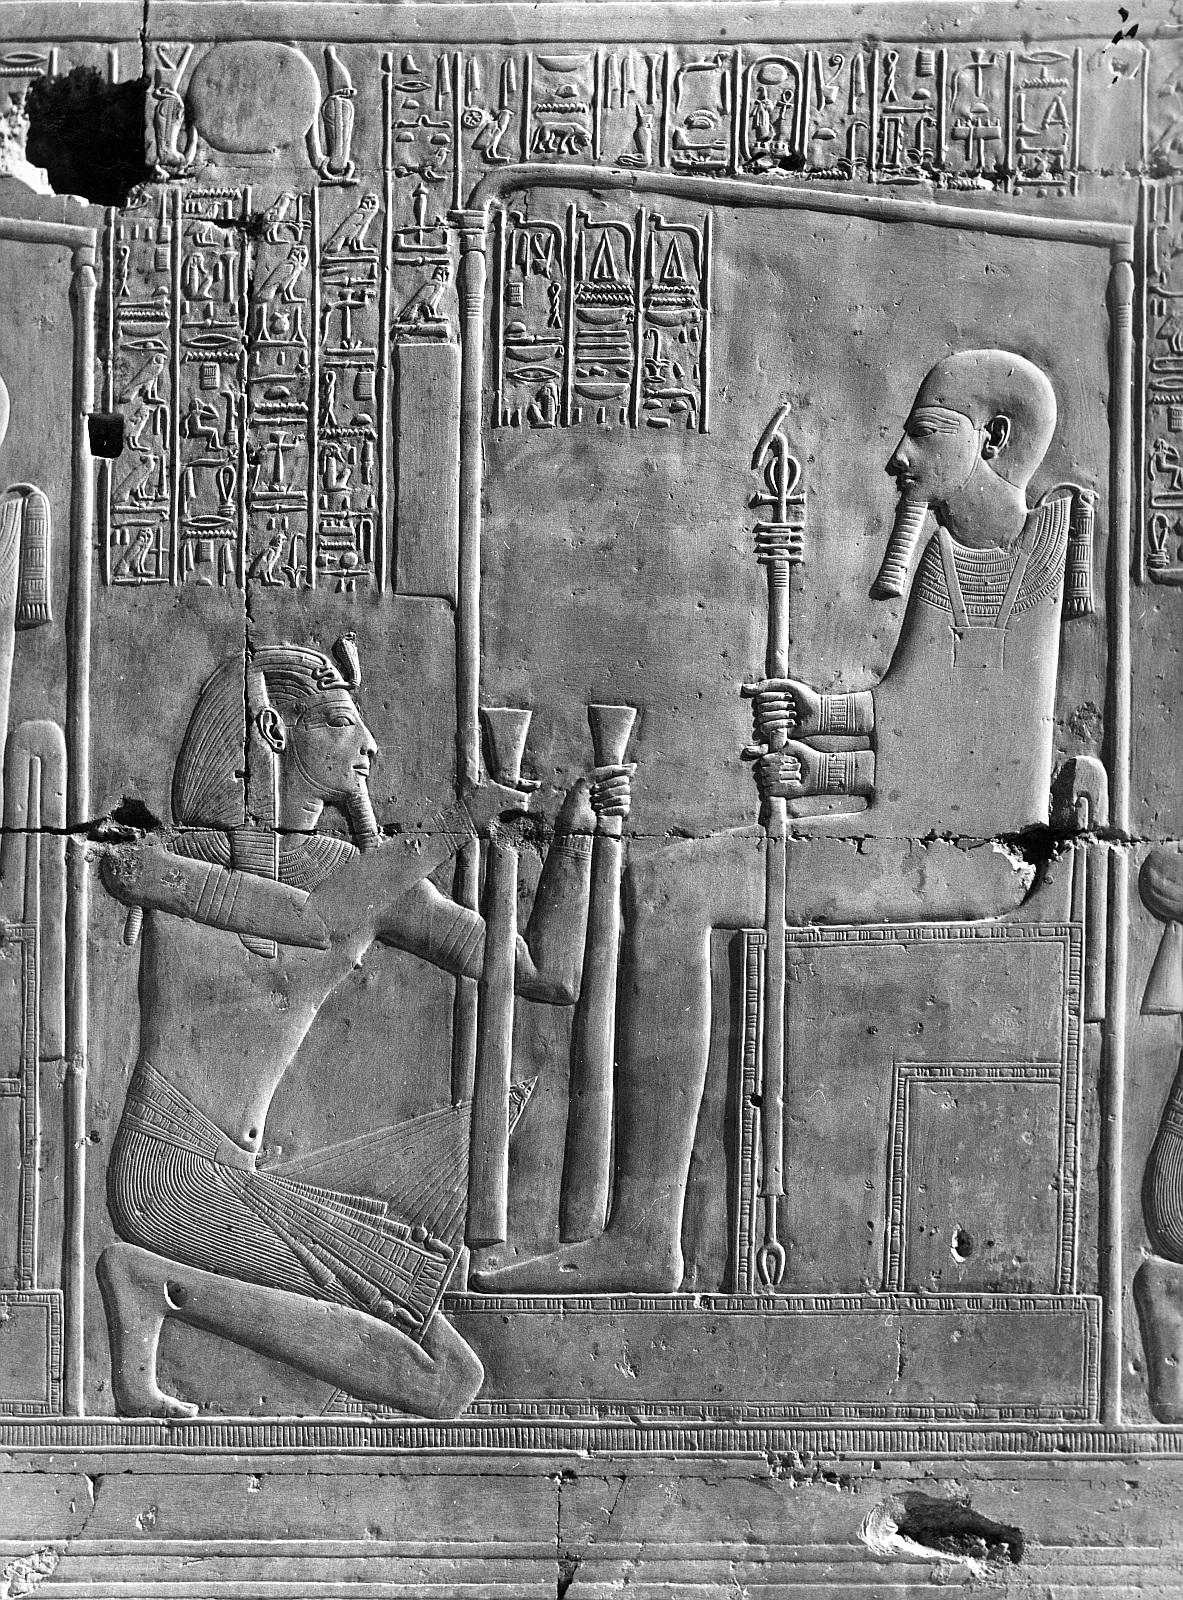 Абидос. Храм Сети I.  Часовня Пта. Рельеф «Сети I, стоящий на коленях перед Пта»